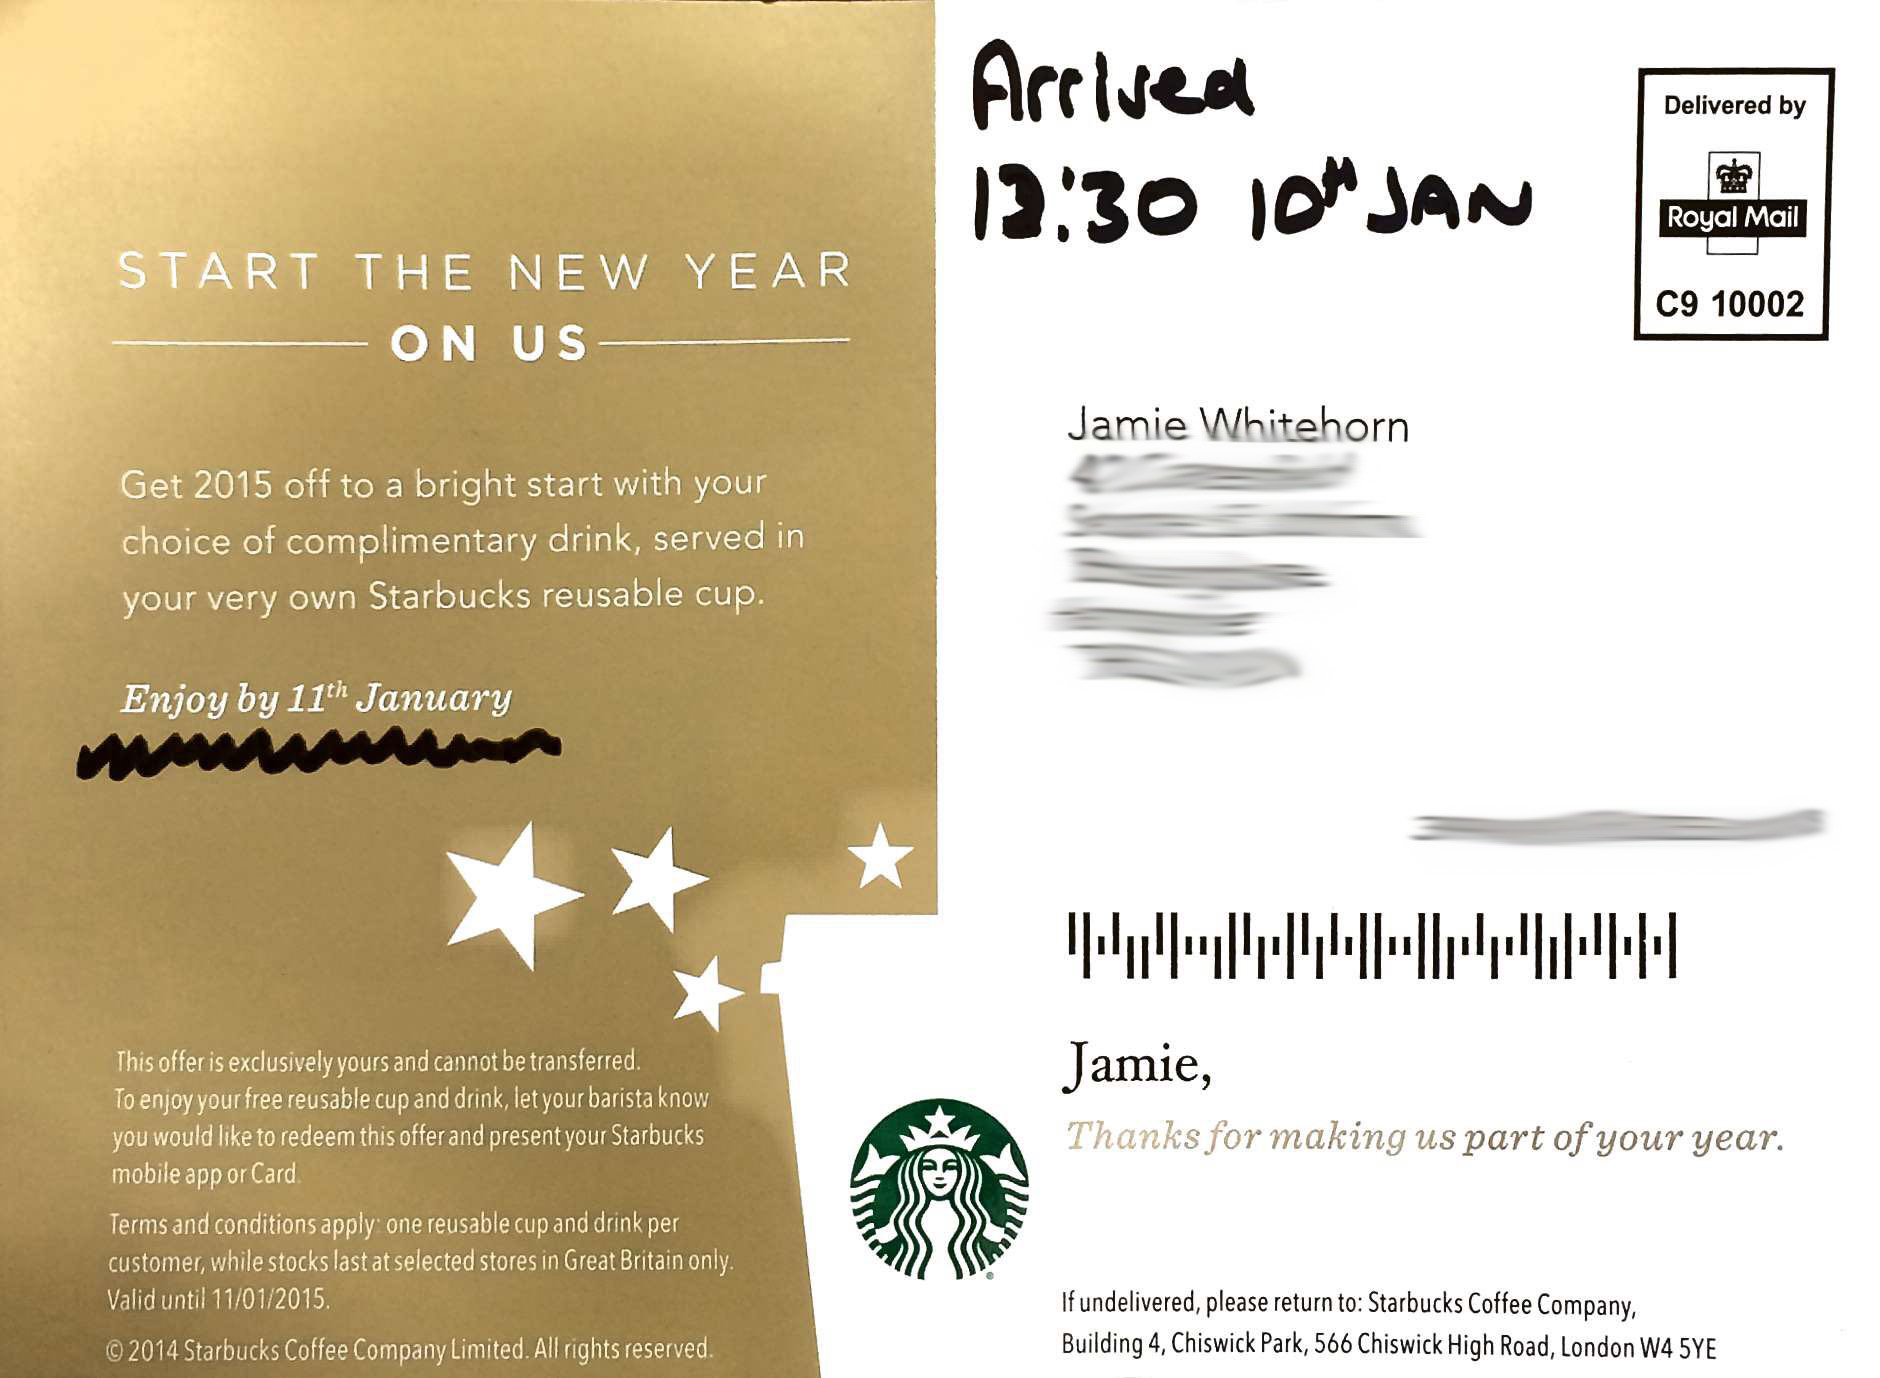 Starbucks offer